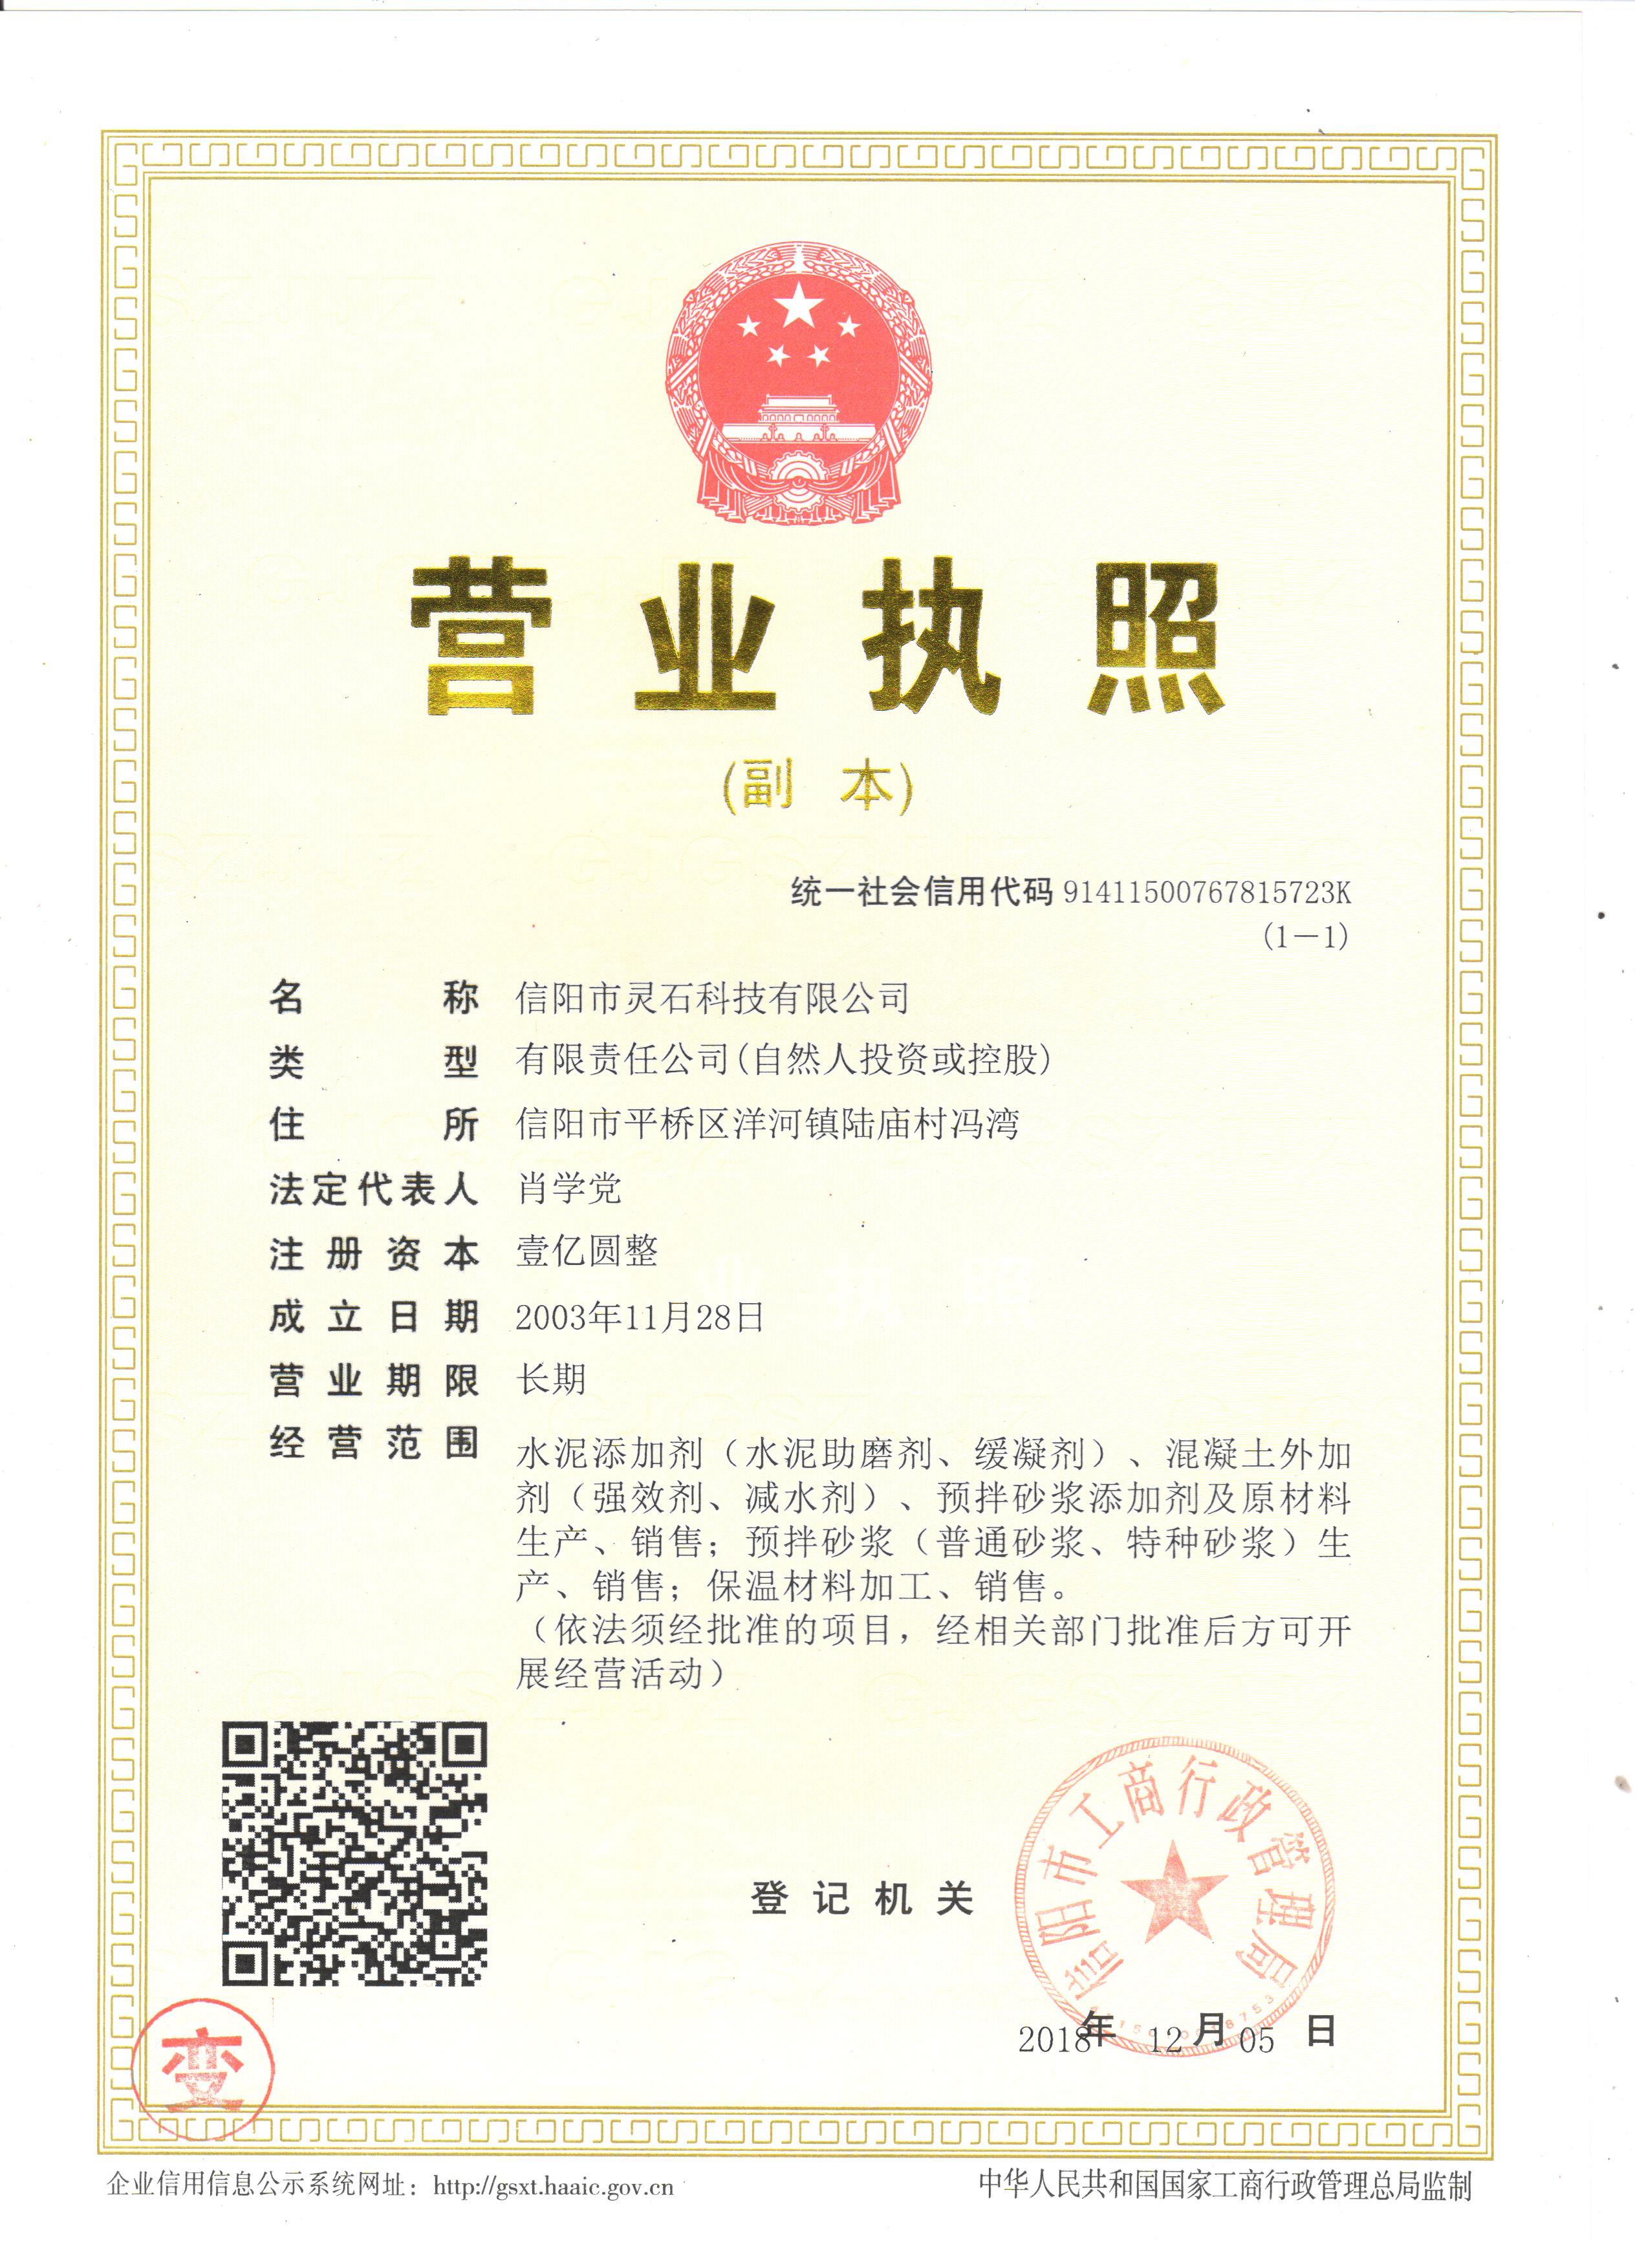 信阳市灵石科技有限公司营业执照